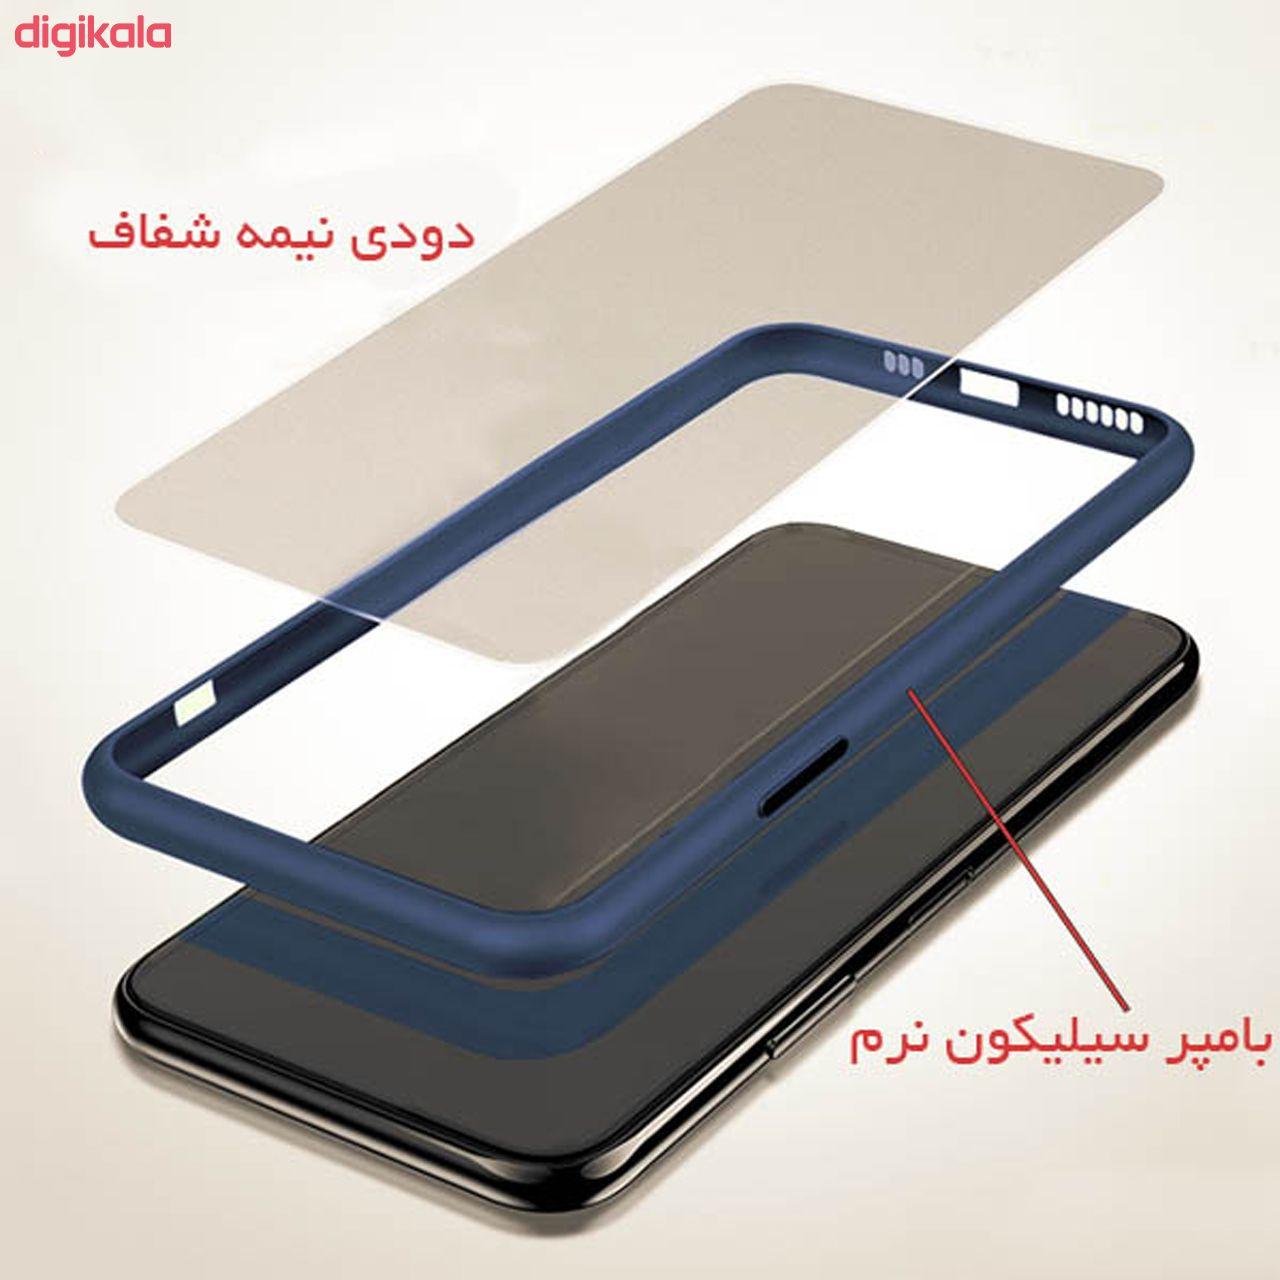 کاور کینگ پاور مدل M21 مناسب برای گوشی موبایل سامسونگ Galaxy A11 main 1 7